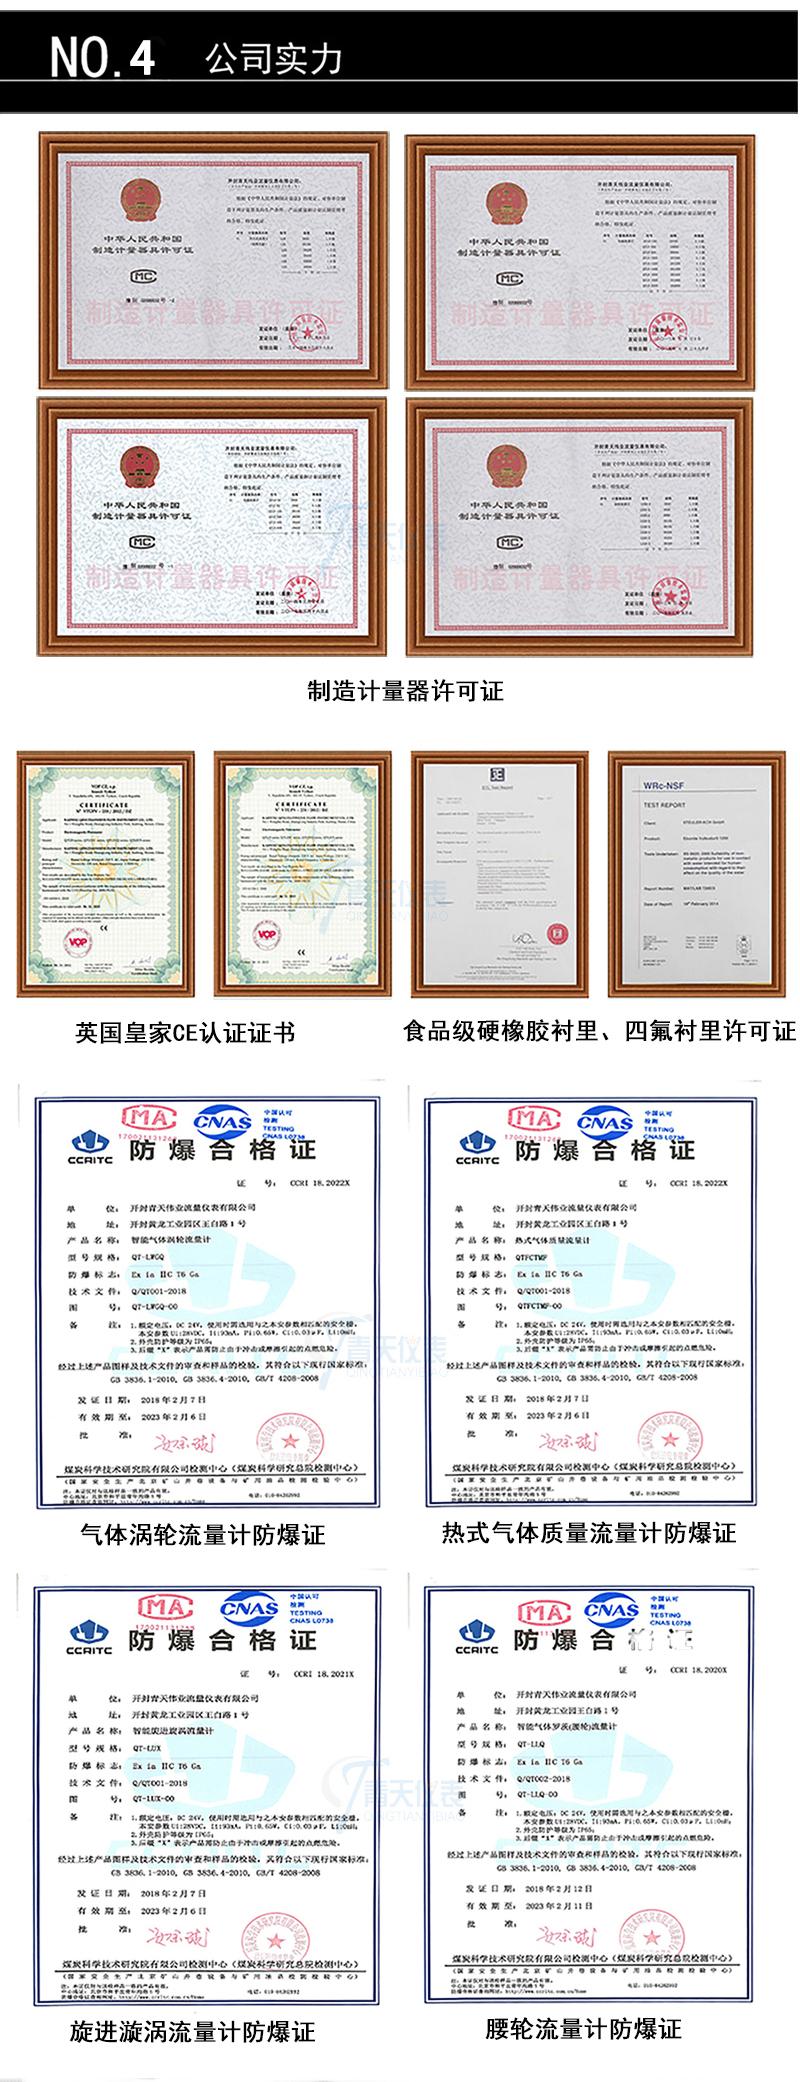 ca88亚洲城会员登录资质证书